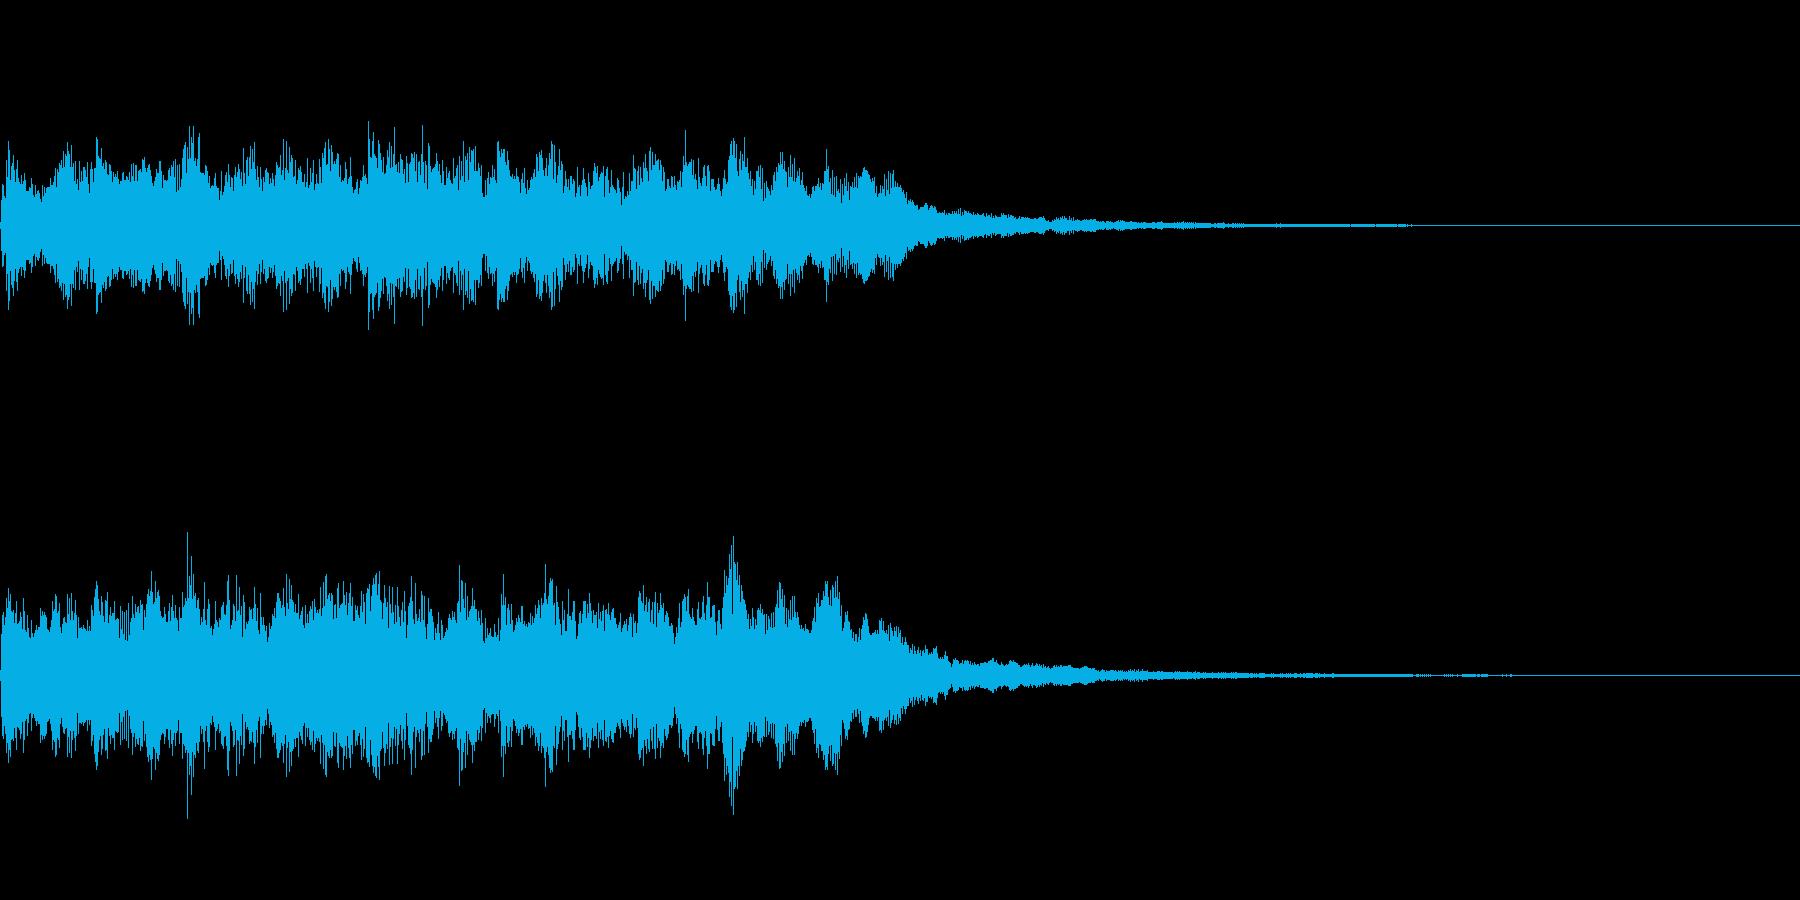 煌びやかなサウンドロゴの再生済みの波形